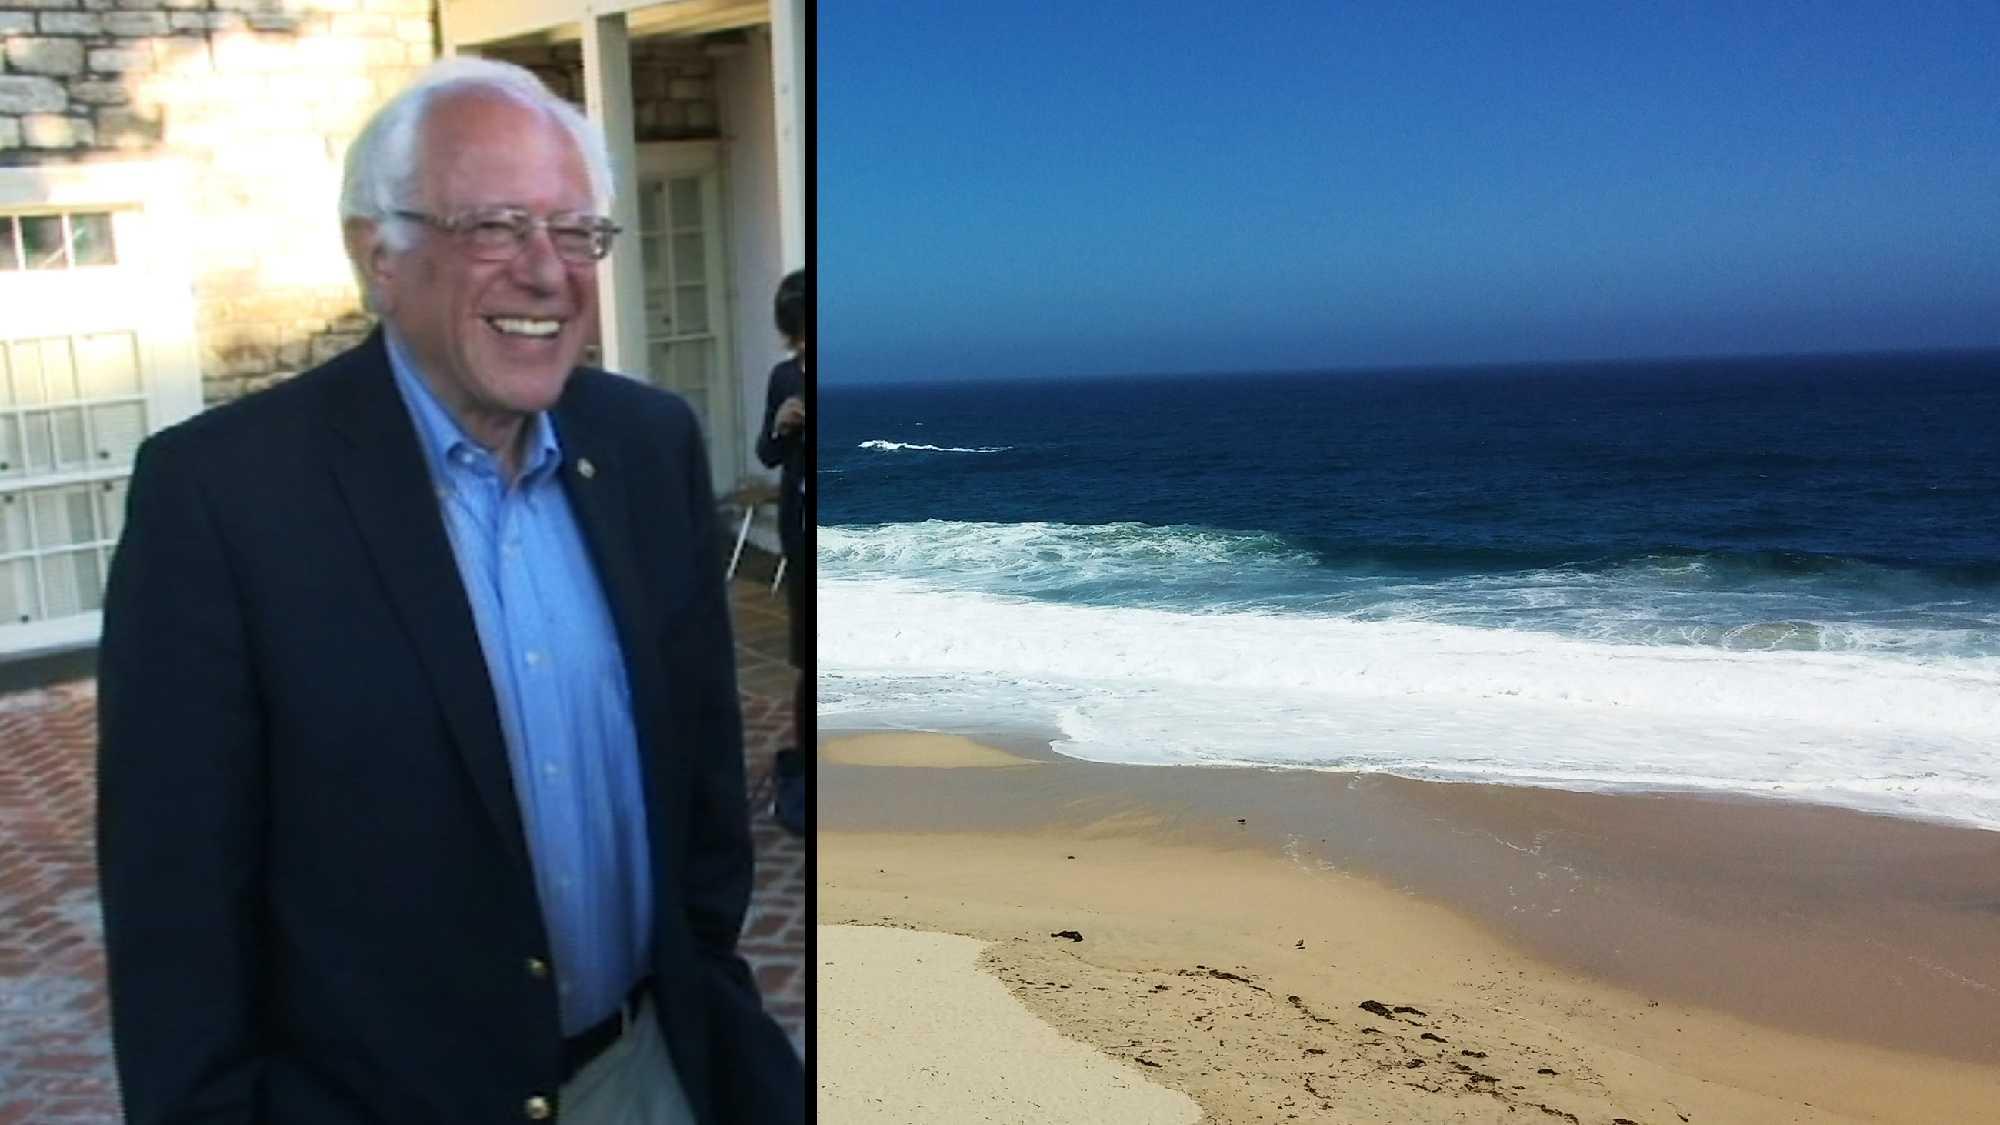 Bernie boarding